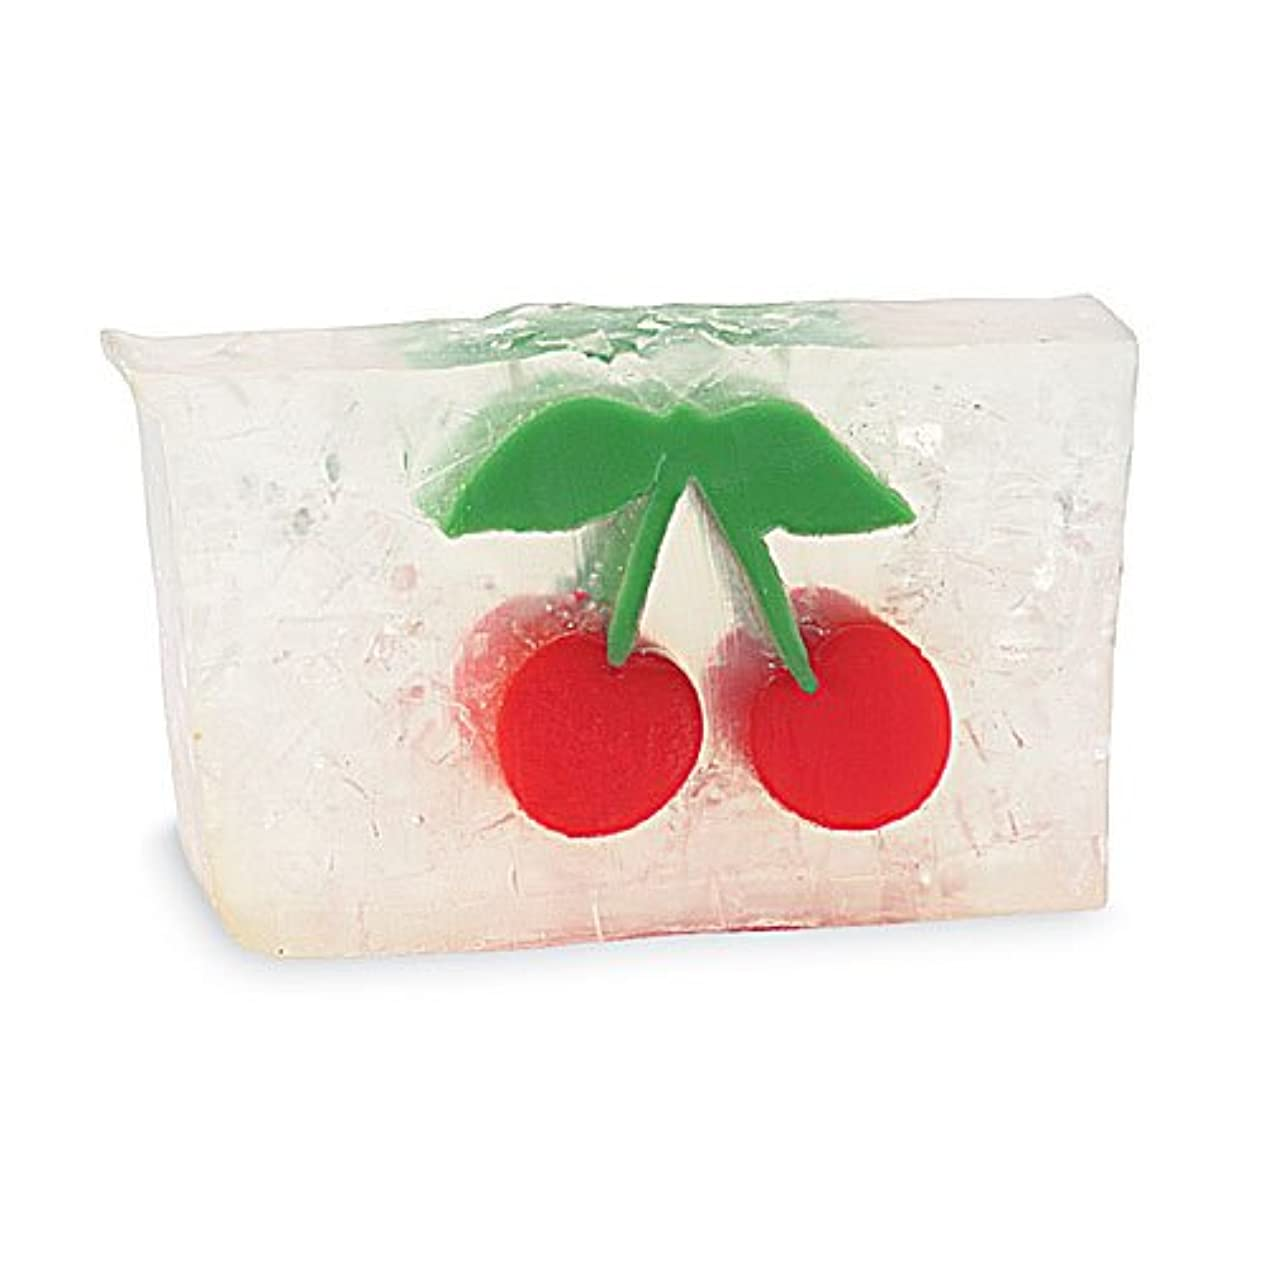 今アシスタント急速なプライモールエレメンツ アロマティック ソープ チェリー 180g 植物性 ナチュラル 石鹸 無添加